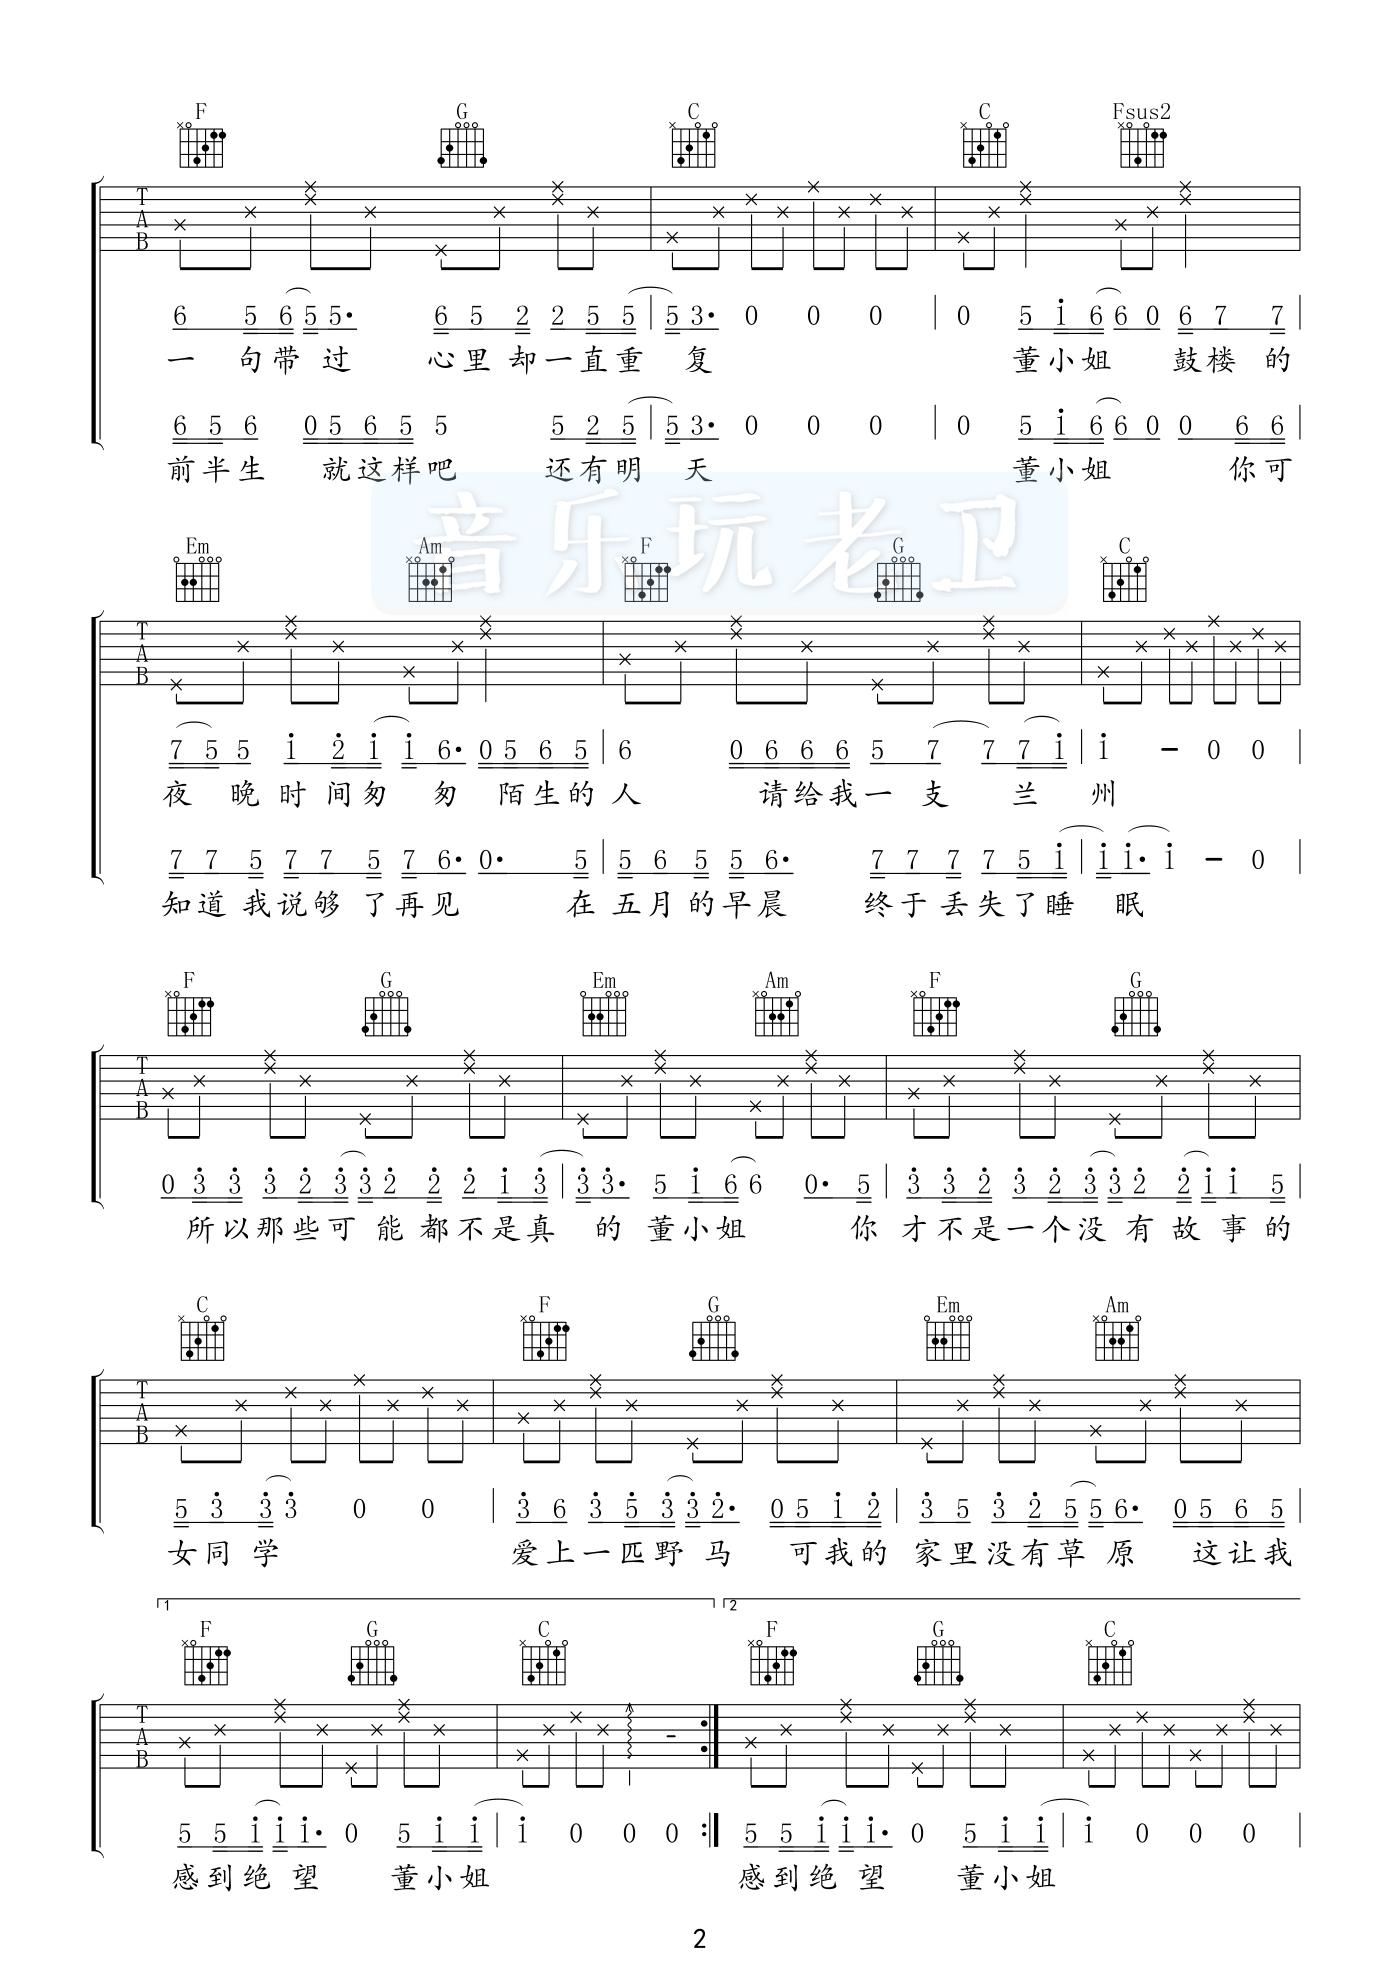 董小姐-吉他谱-C大调音乐网